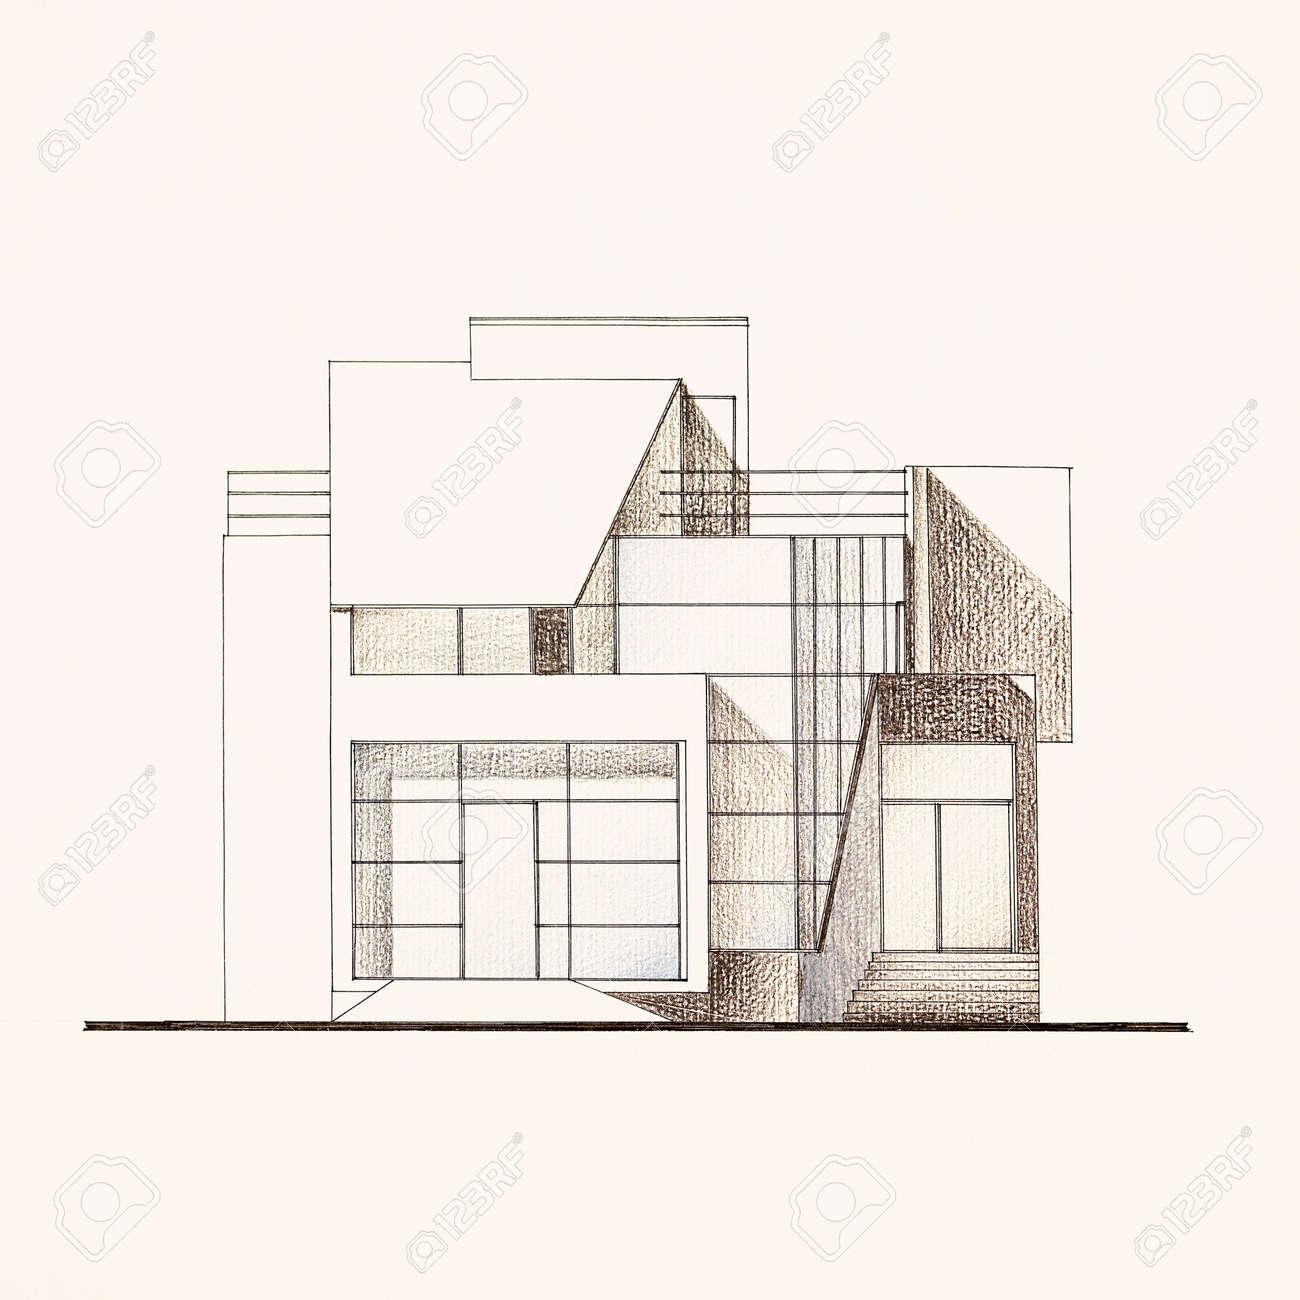 Couleur Du Modèle Architectural Façade De La Maison Moderne Dessiné à La Main